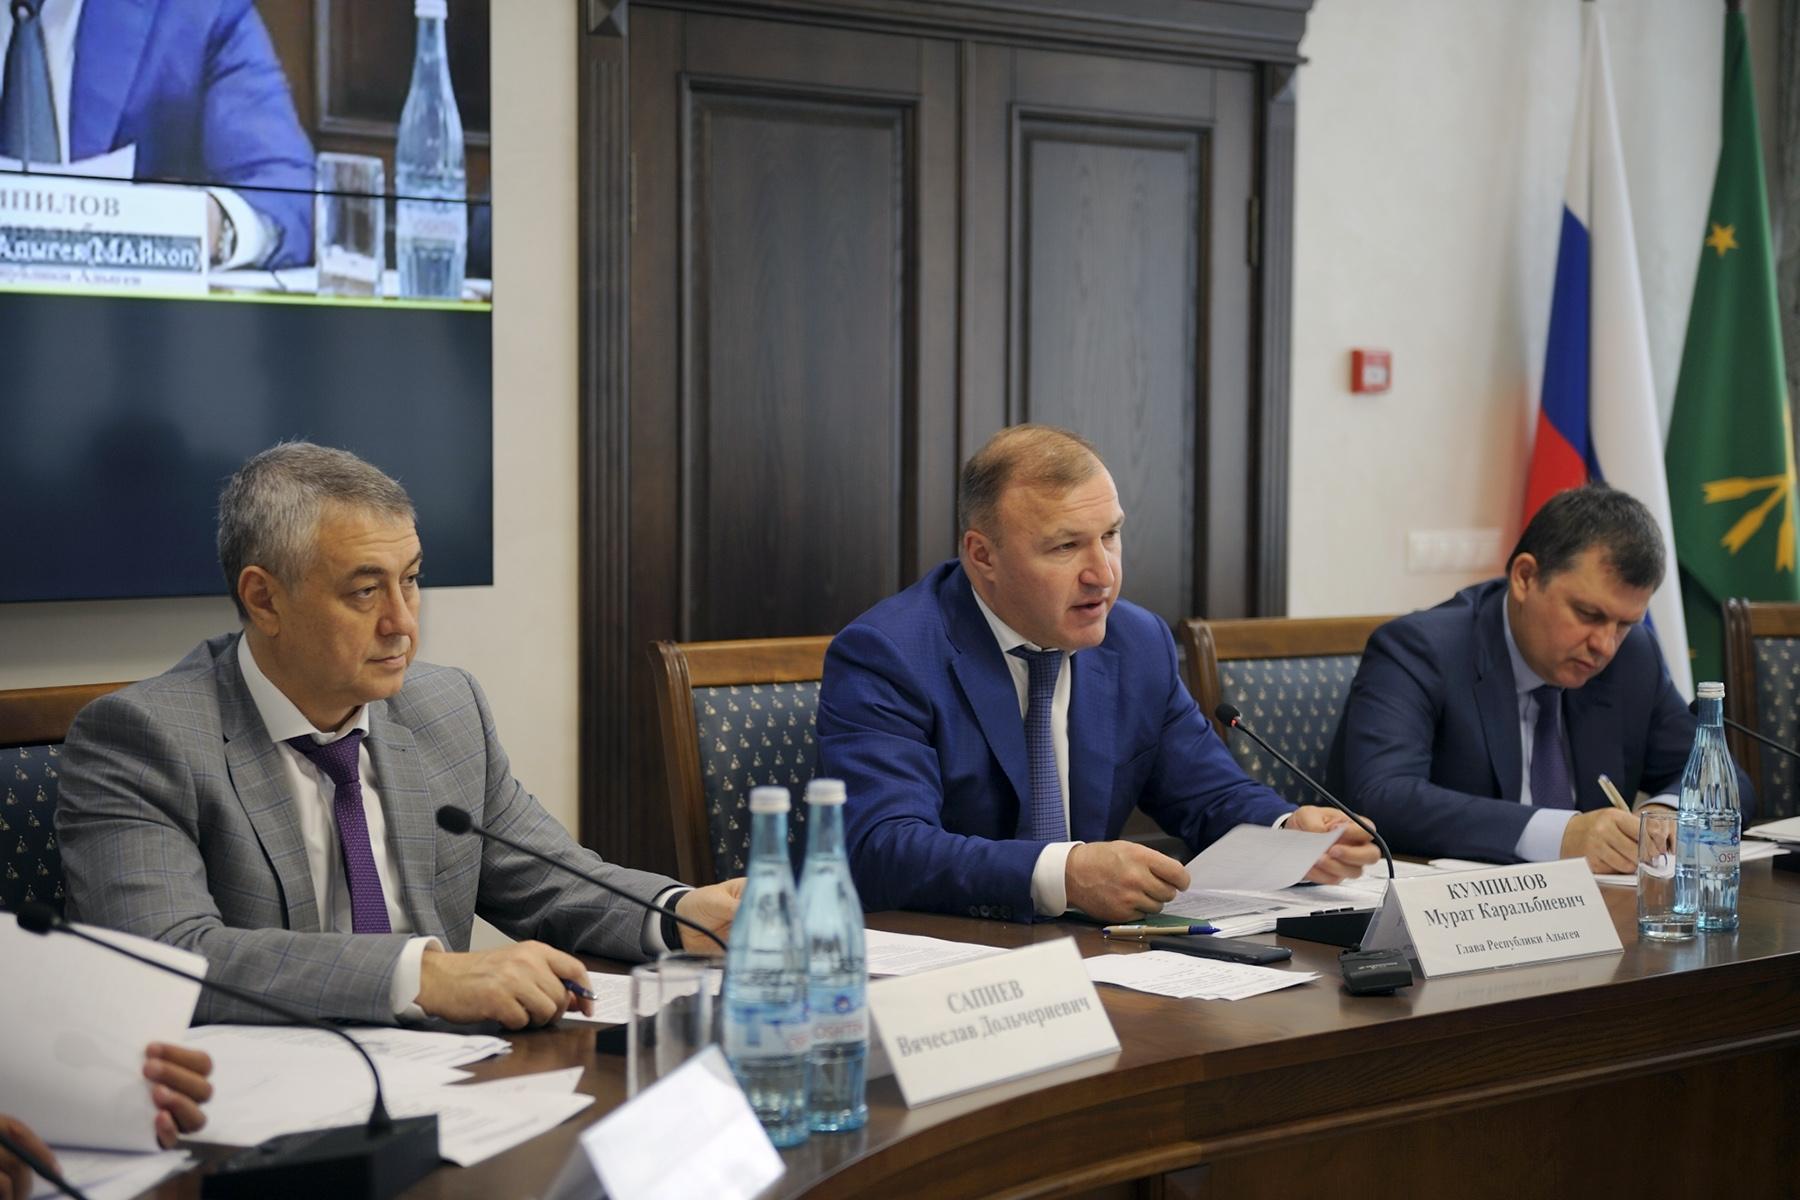 Глава Адыгеи принял участие в «часе регионов», проводимом Министерством природных ресурсов и экологии России